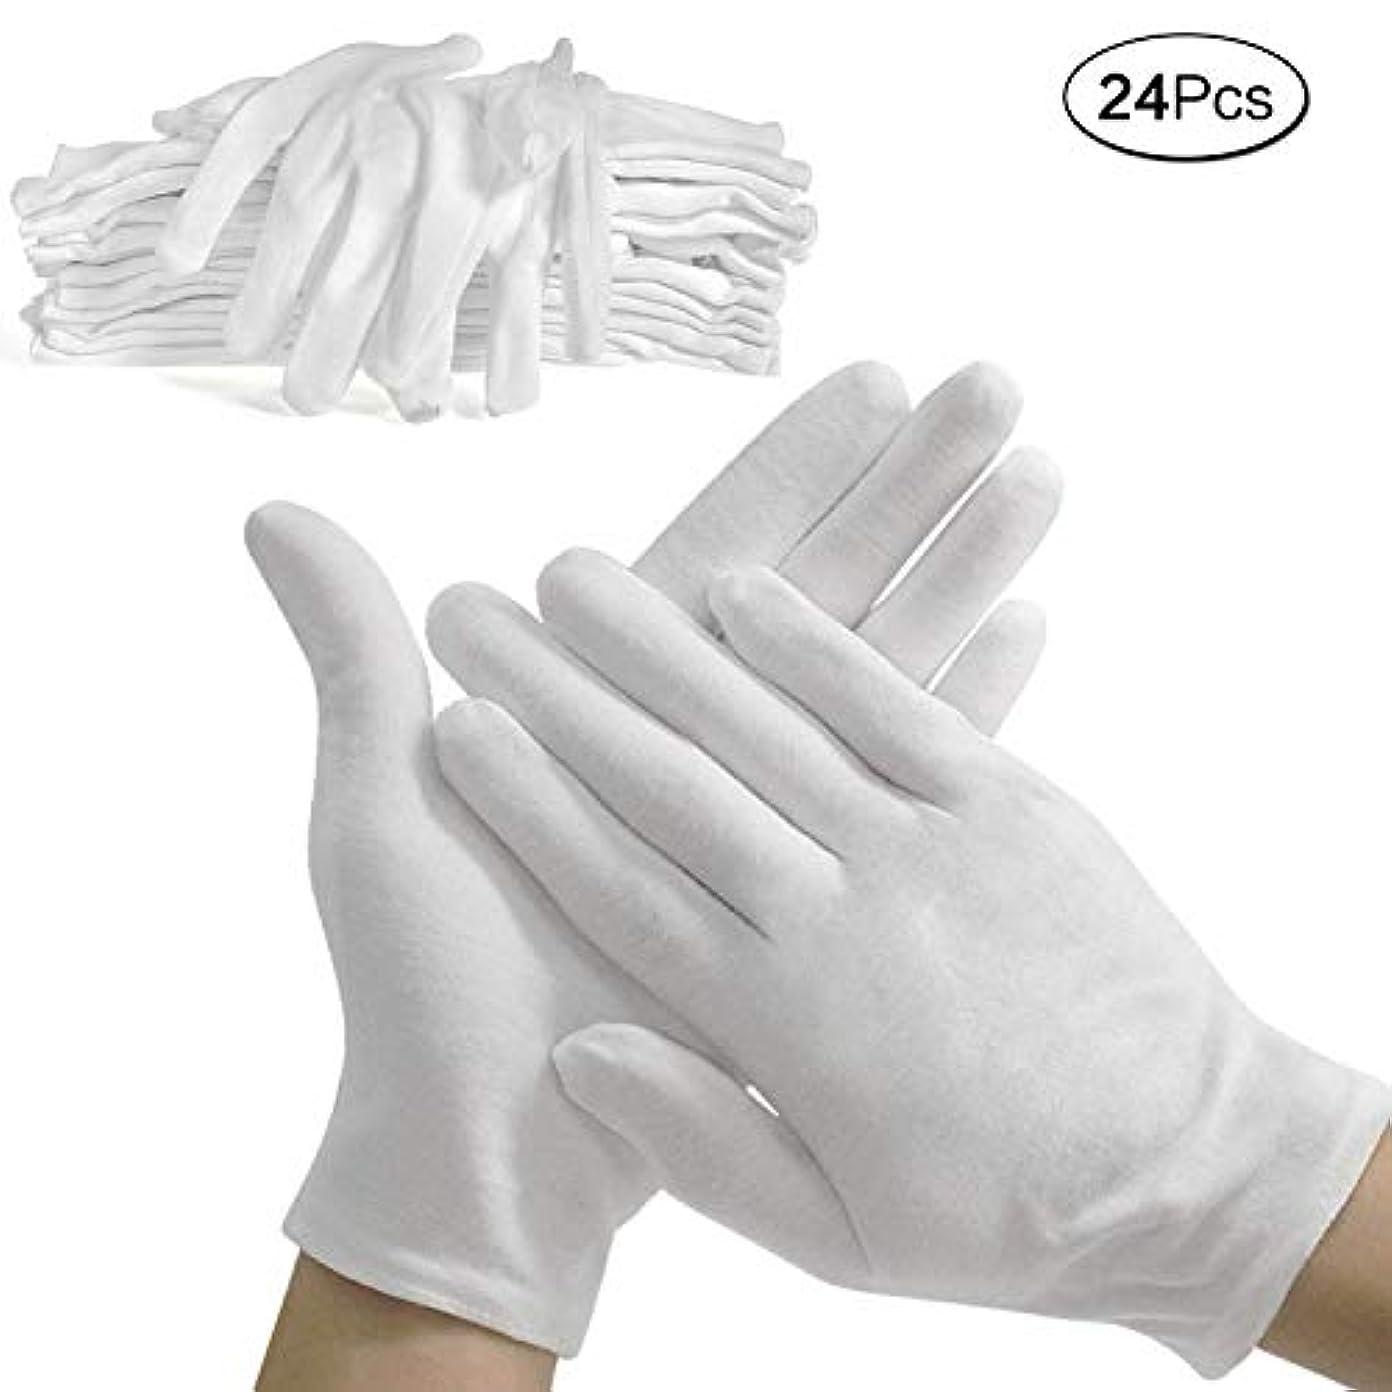 忘れっぽいポータブルようこそ使い捨て手袋 綿手袋 コットン手袋 純綿100% 薄手 白手袋 メンズ レディース 手荒れ防止 おやすみ 湿疹用 乾燥肌用 保湿用 礼装用 作業用 24PCS(白, L)